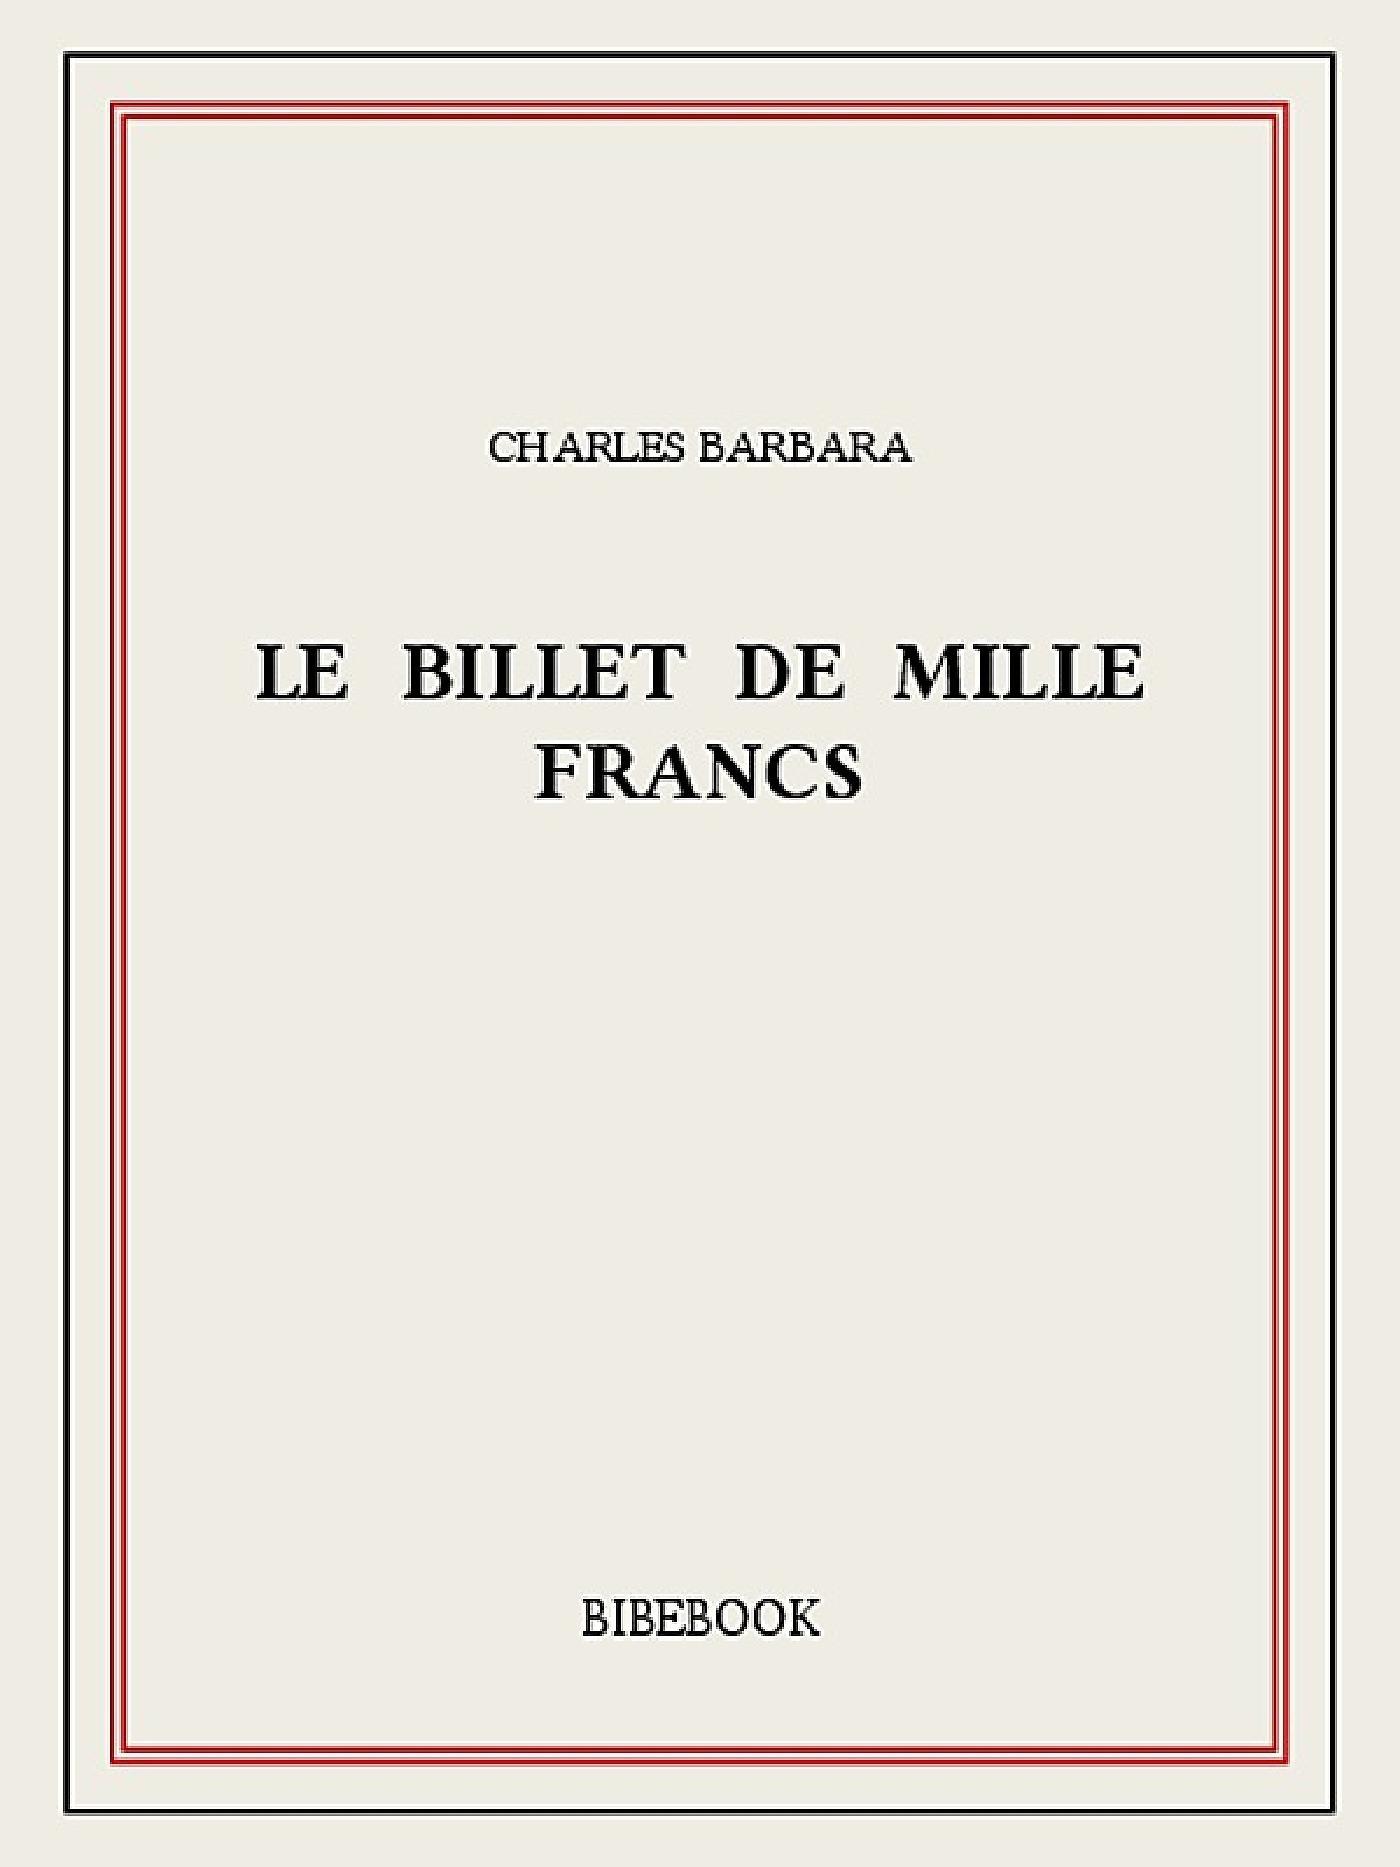 Le billet de mille francs